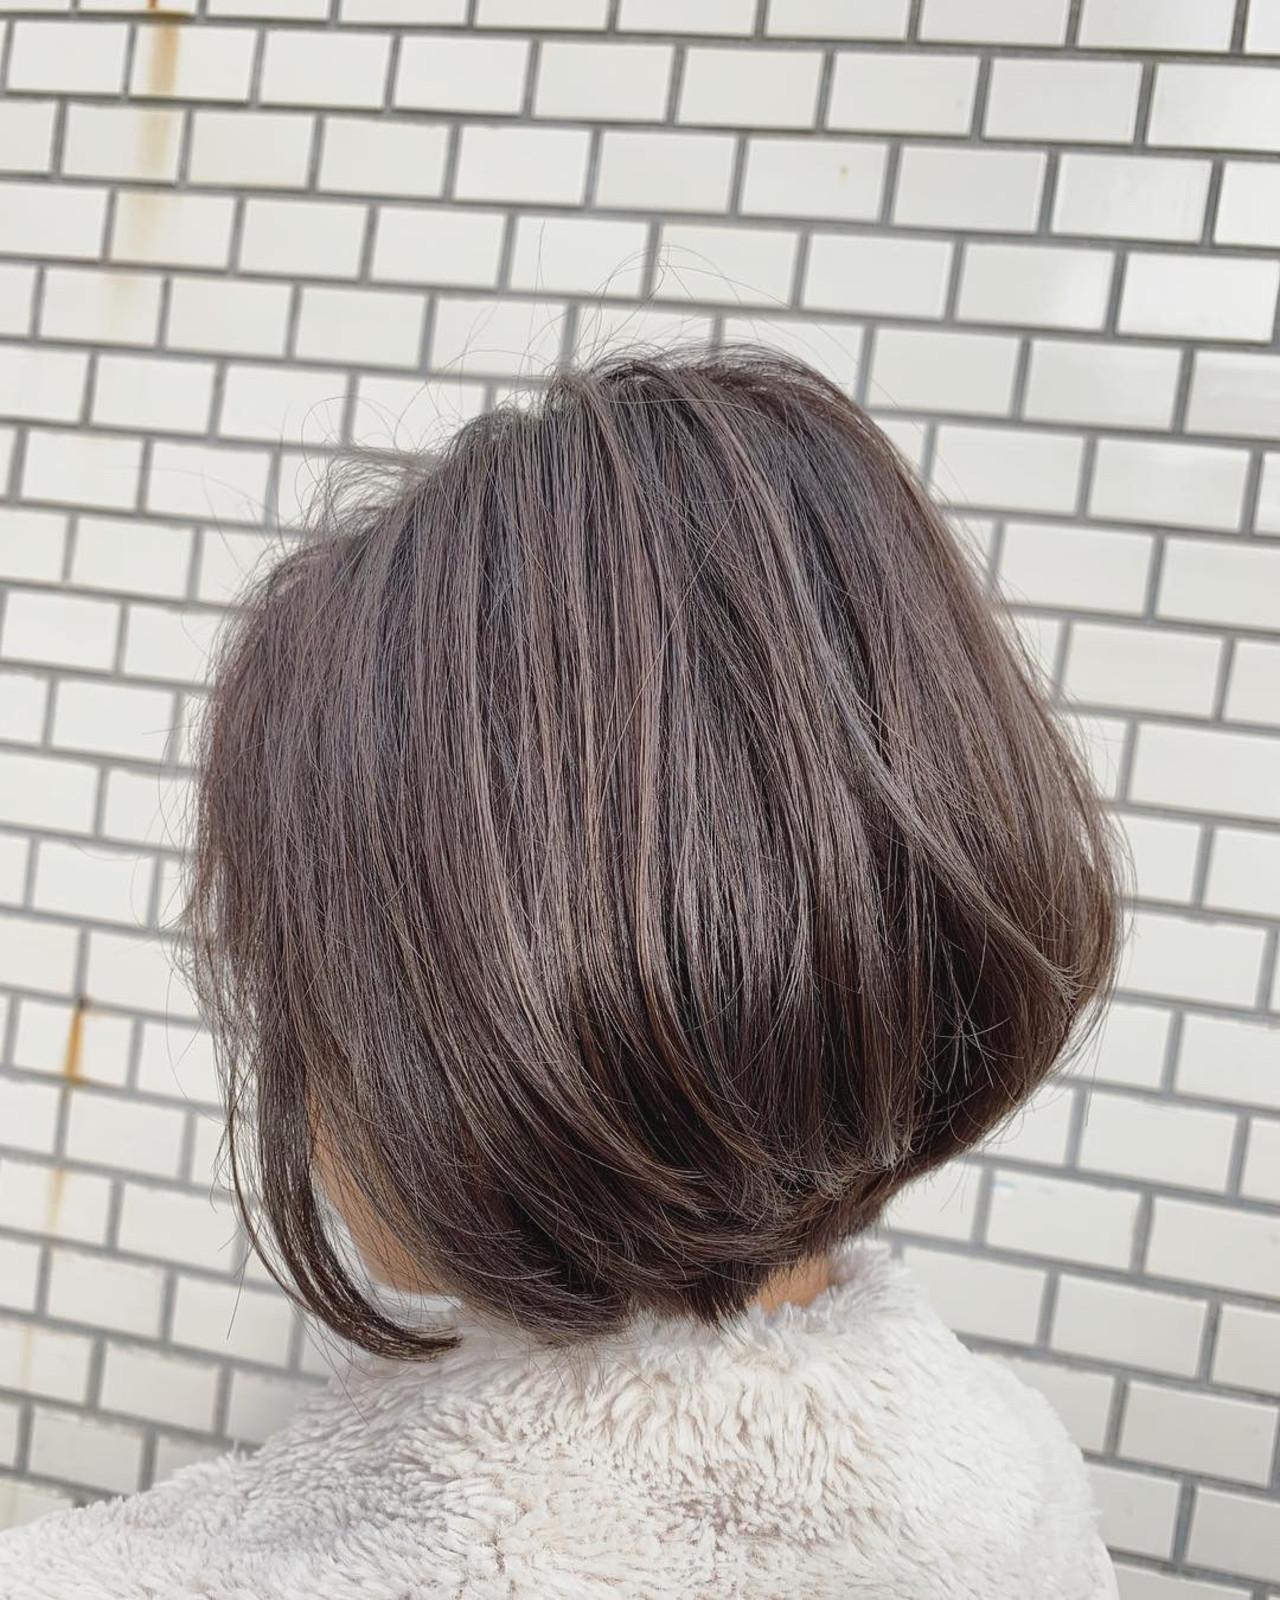 ヌーディーベージュの前下がりボブ 韓国ヘア/髪質改善/切りっぱなしボブ 谷辻 誠志